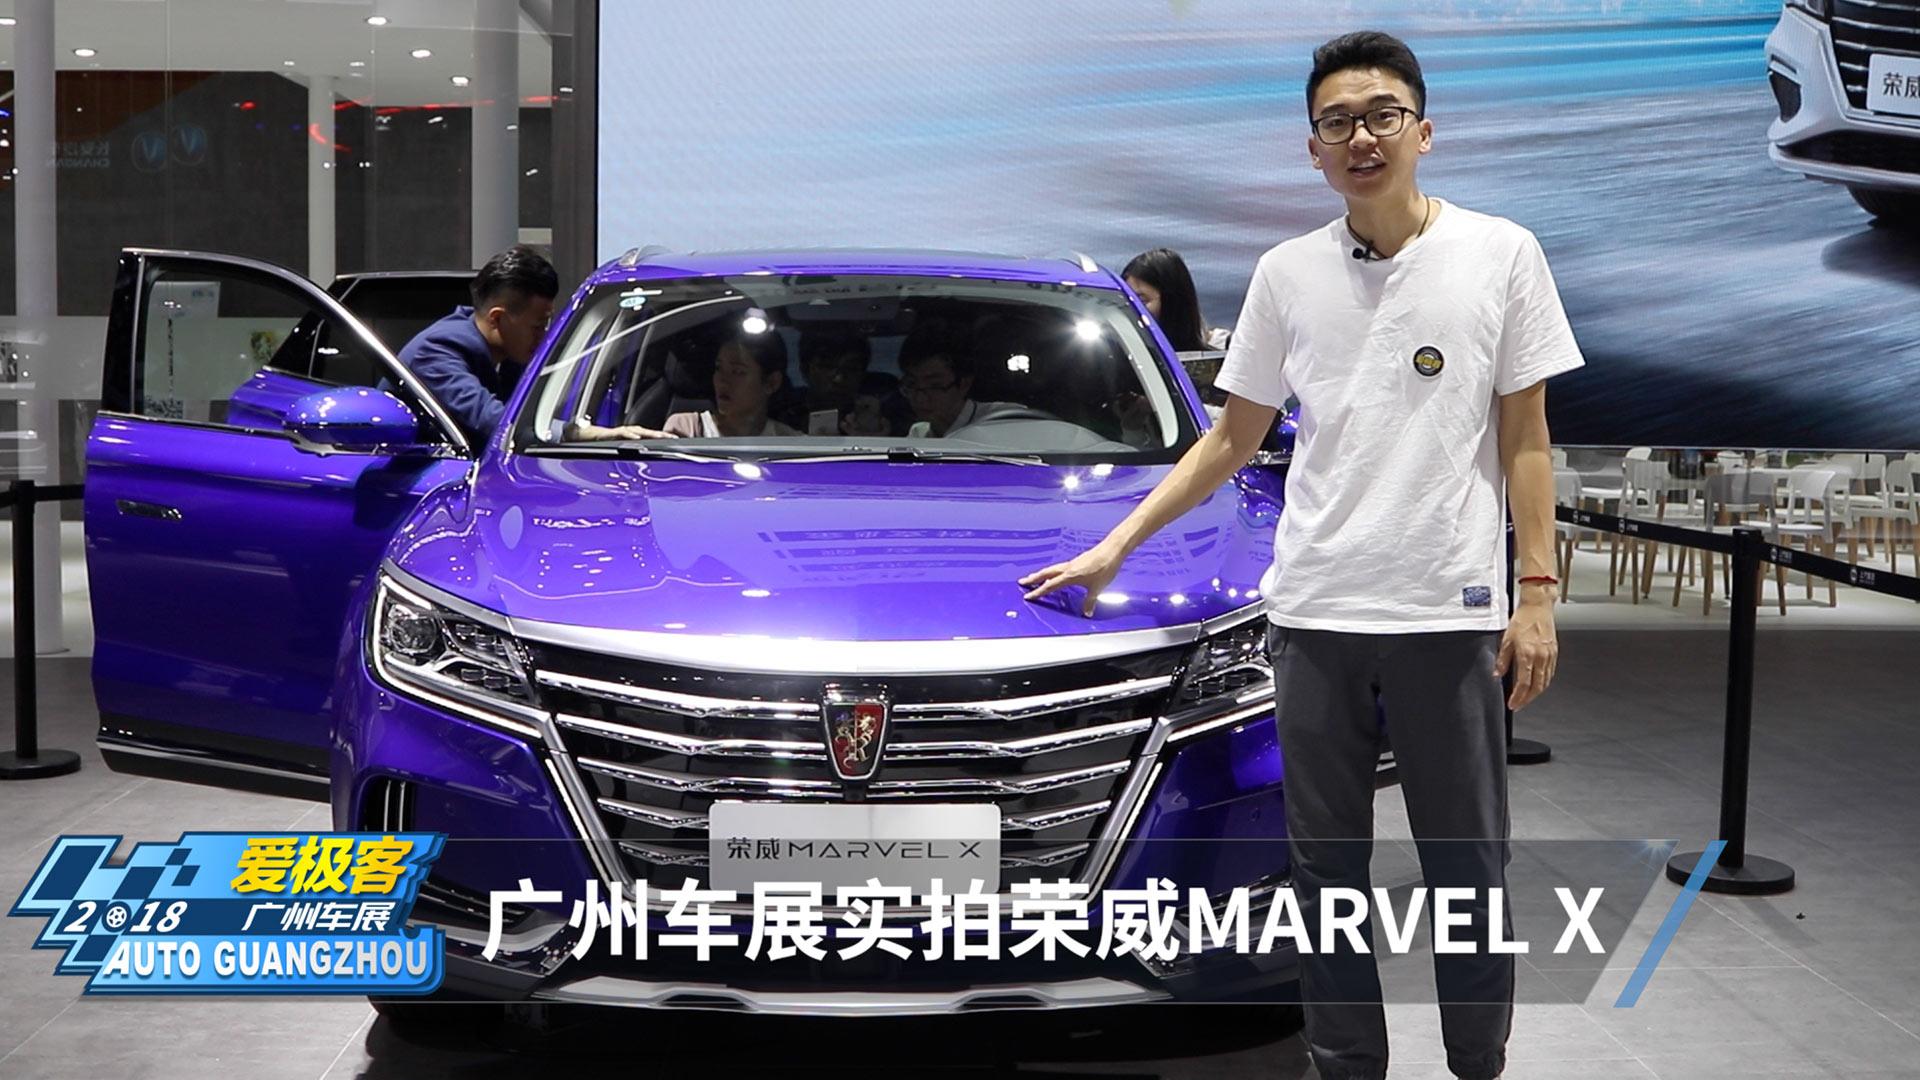 广州车展实拍荣威MARVEL X!自主品牌纯电动SUV的崛起!